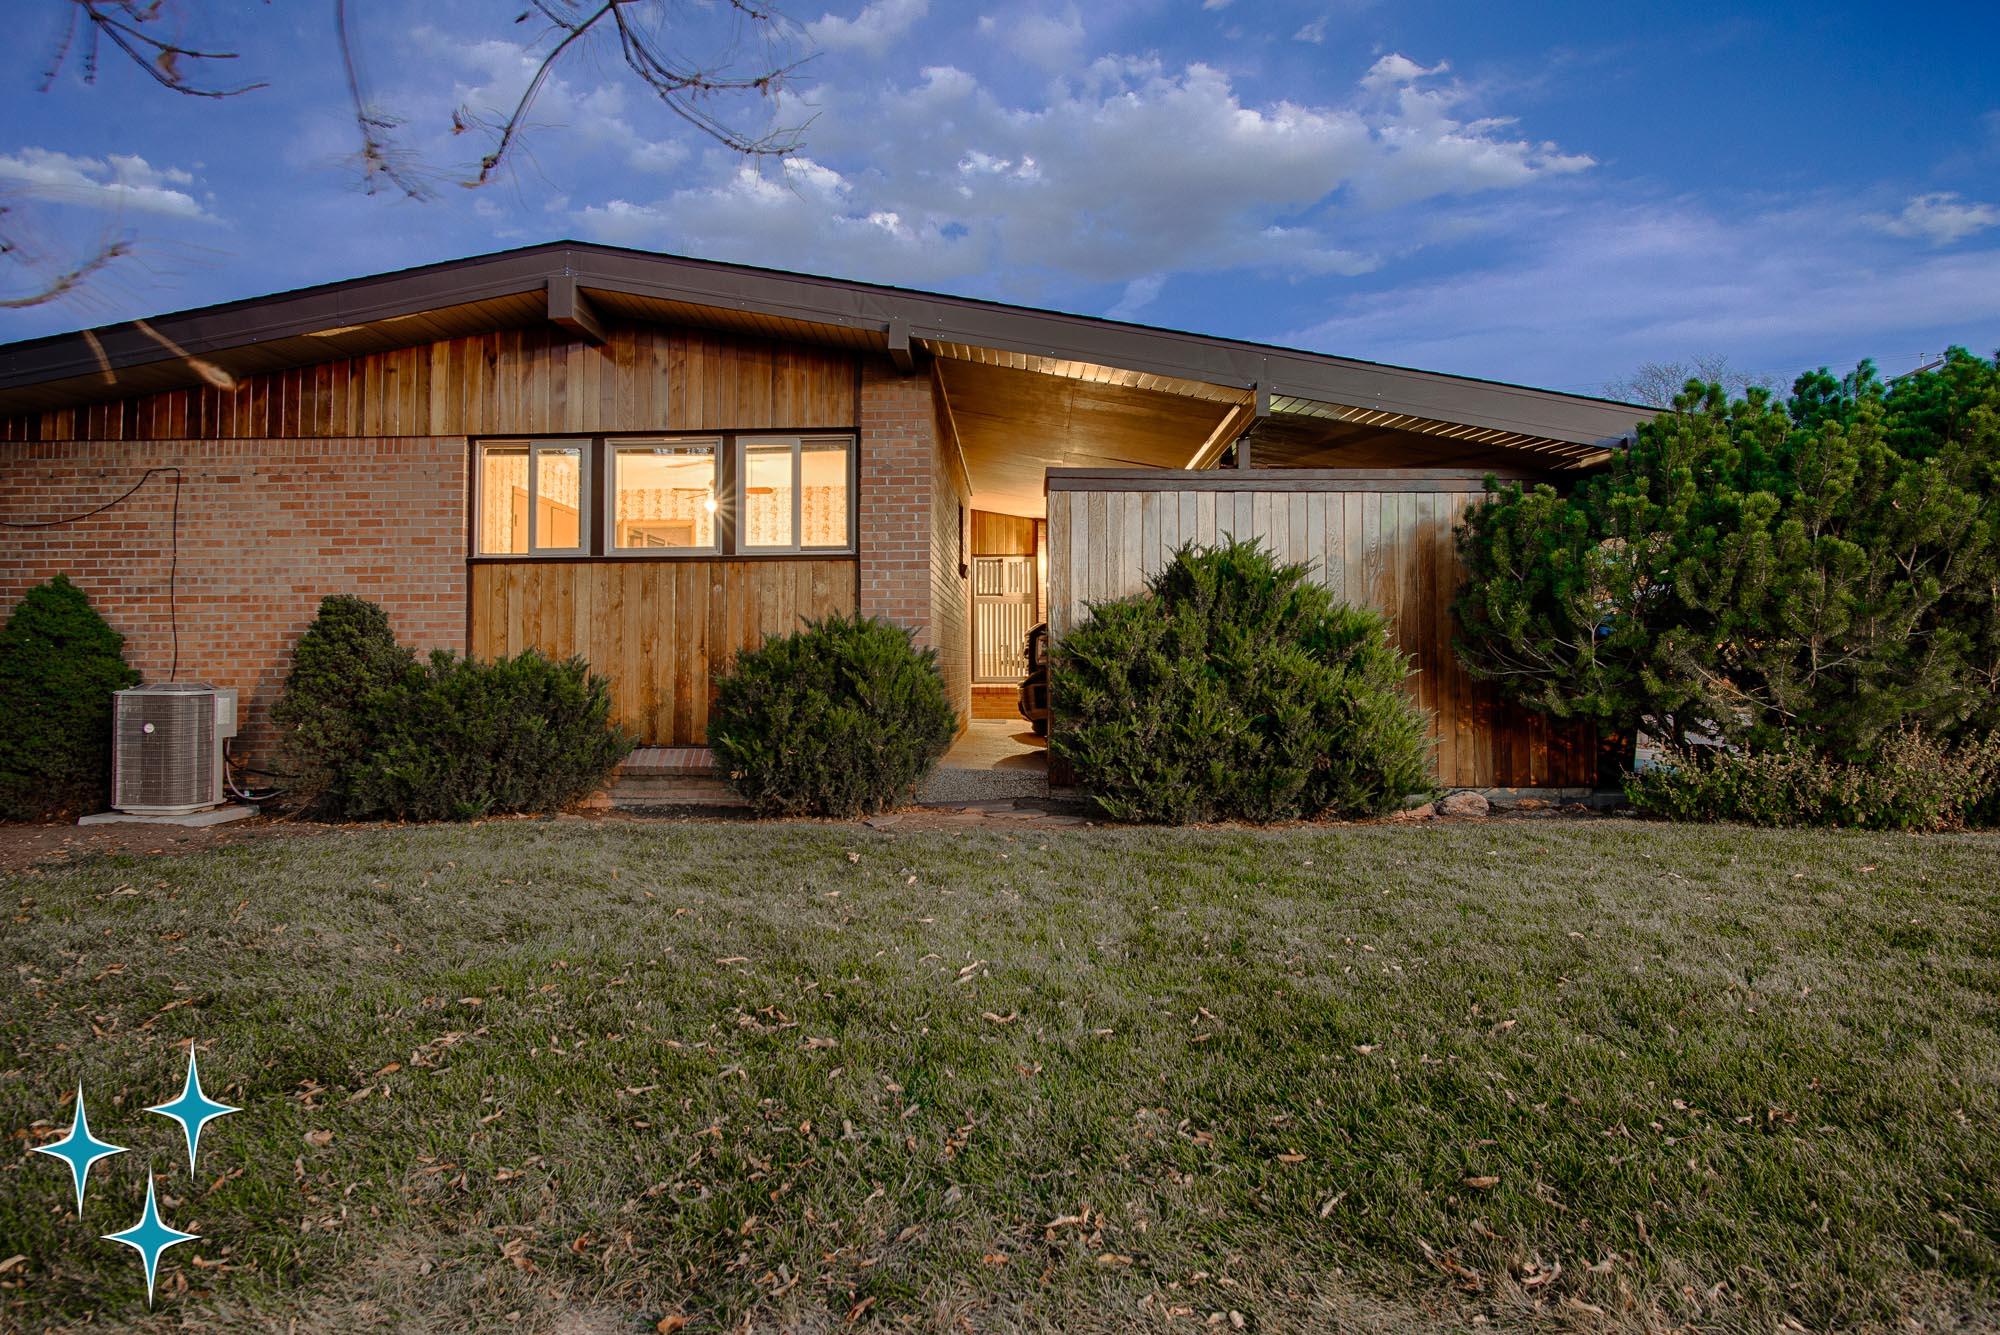 Adrian-Kinney-4155-W-Iliff-Avenue-Denver-r-Carey-Holiday-Home-2000w50-3SWM-39.jpg